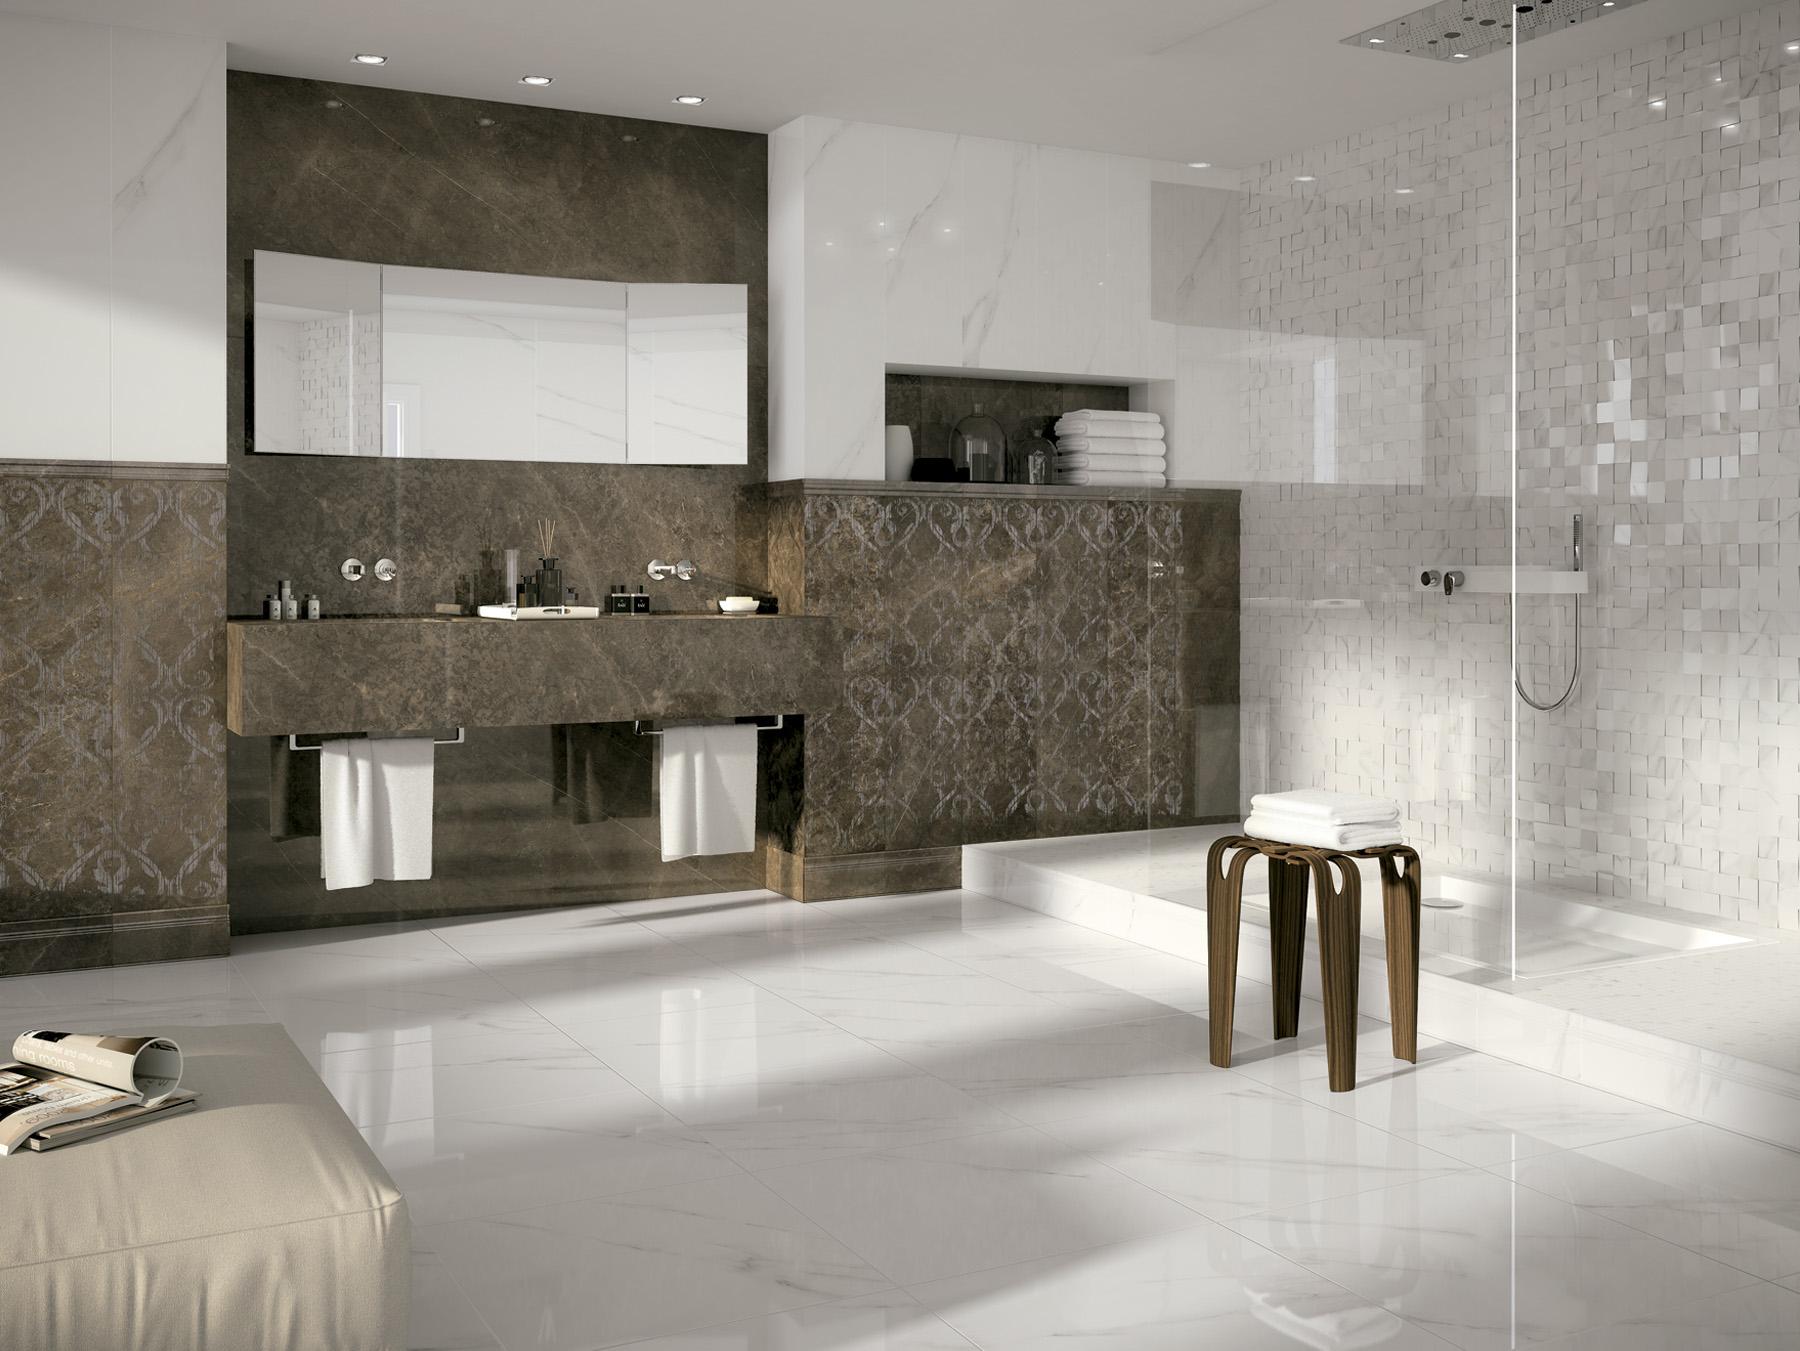 Salle de bain porcelanosa prix prix et pose d 39 un a for Porcelanosa salle de bain prix